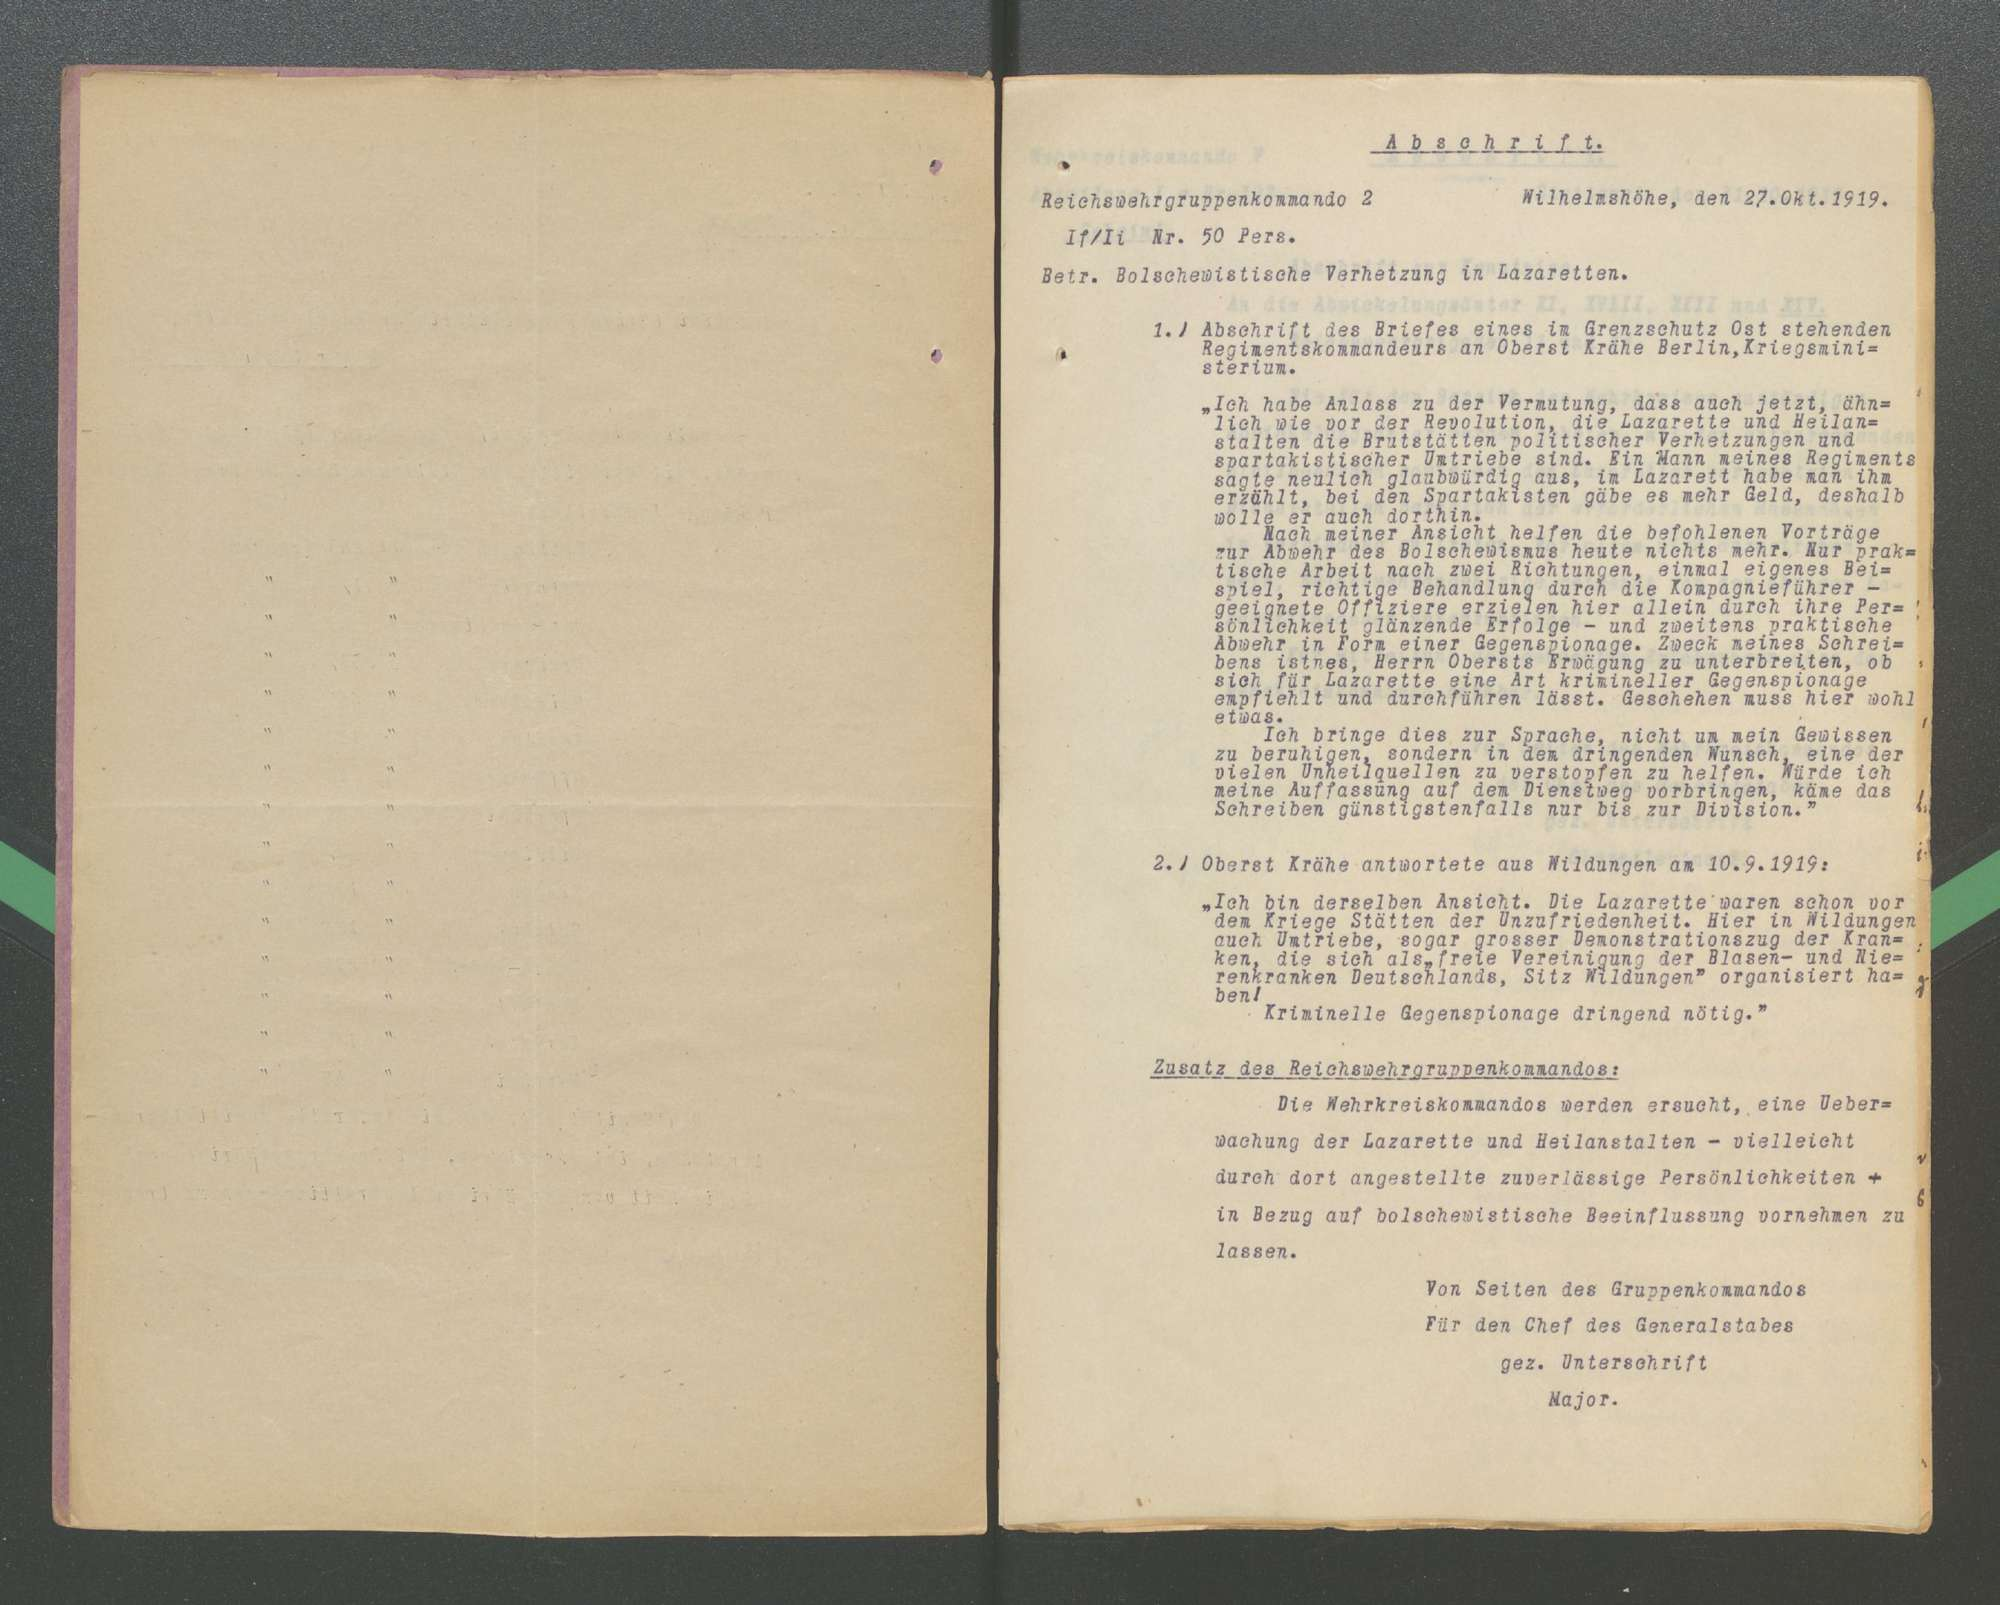 Agitation der Bolschewisten, Bild 3